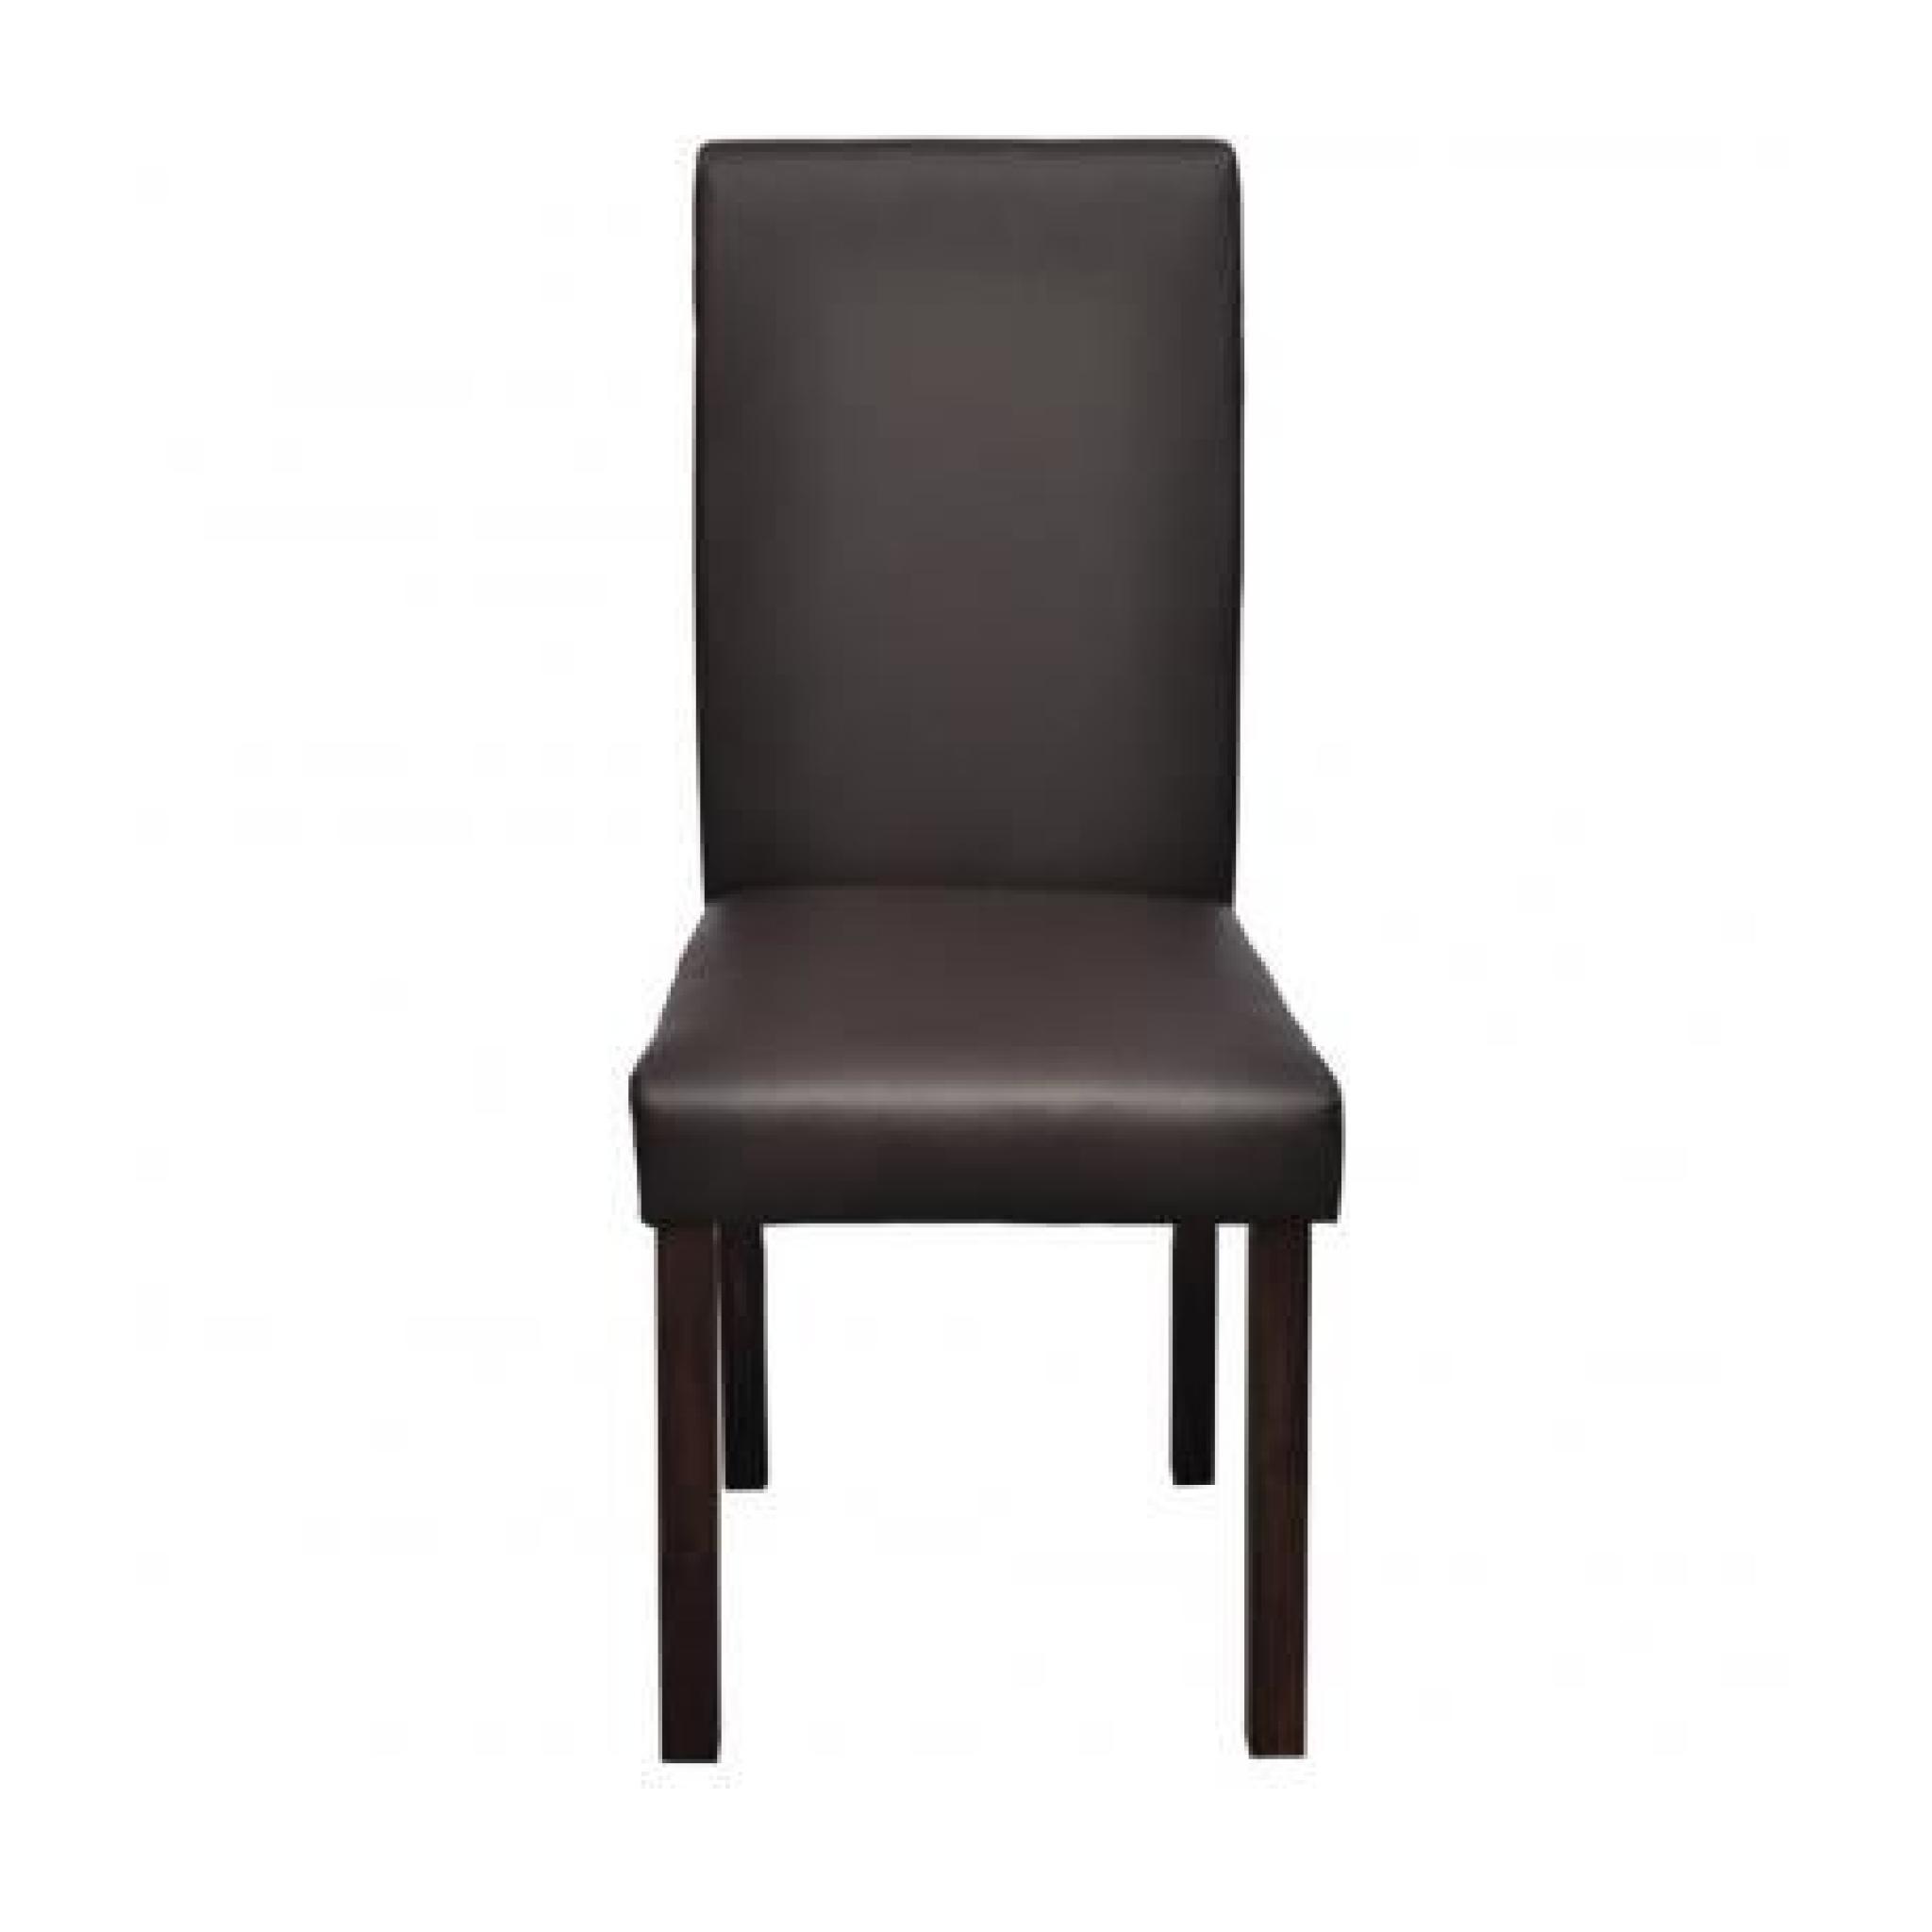 Chaise design classique marron lot de 2 achat vente for Chaise marron pas cher